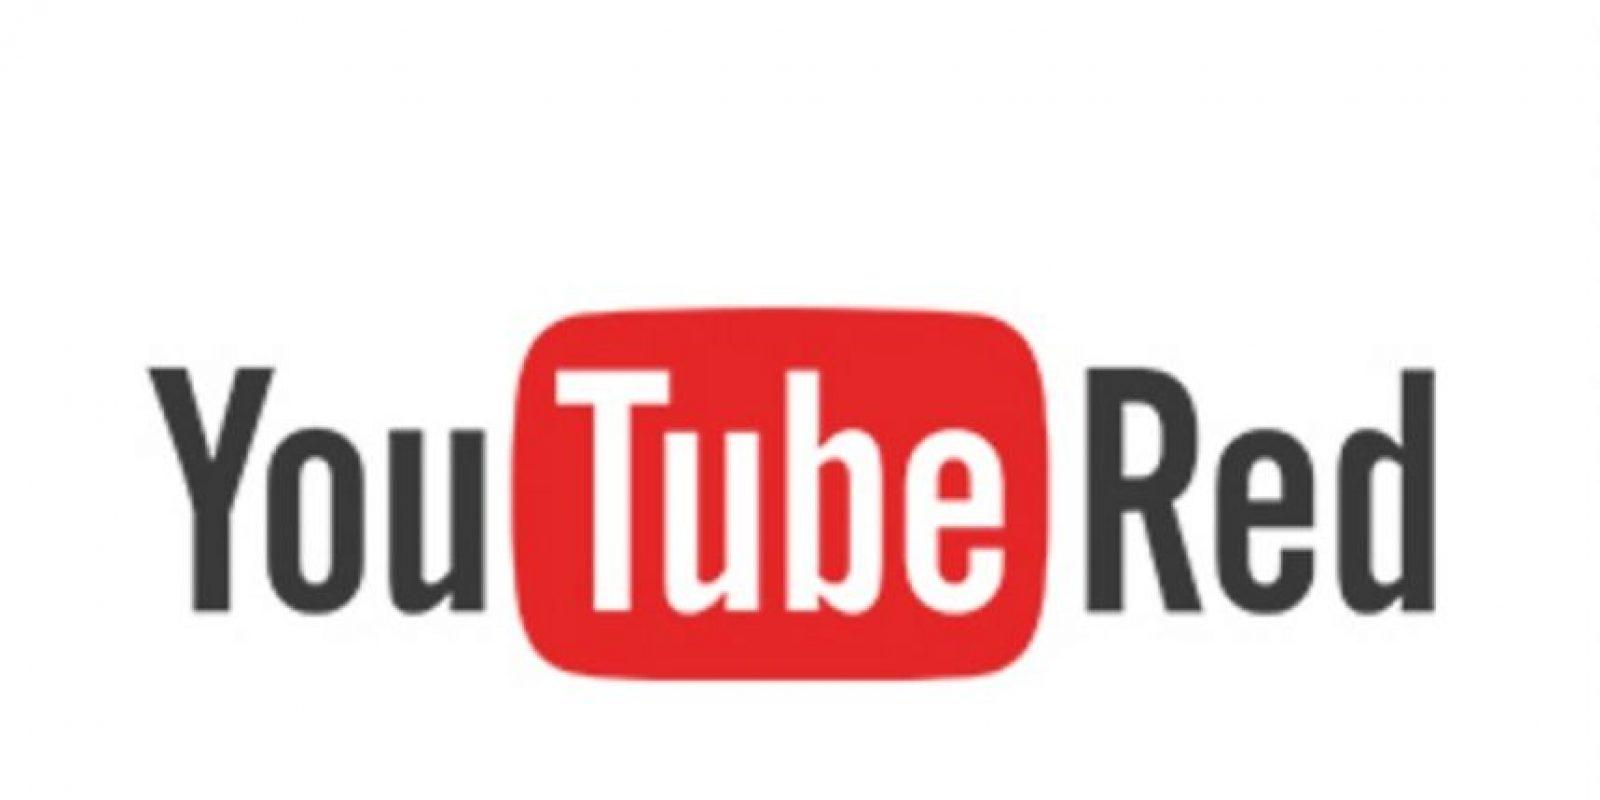 La suscripción tendrá un costo de 10 dólares mensuales. Foto:YouTube